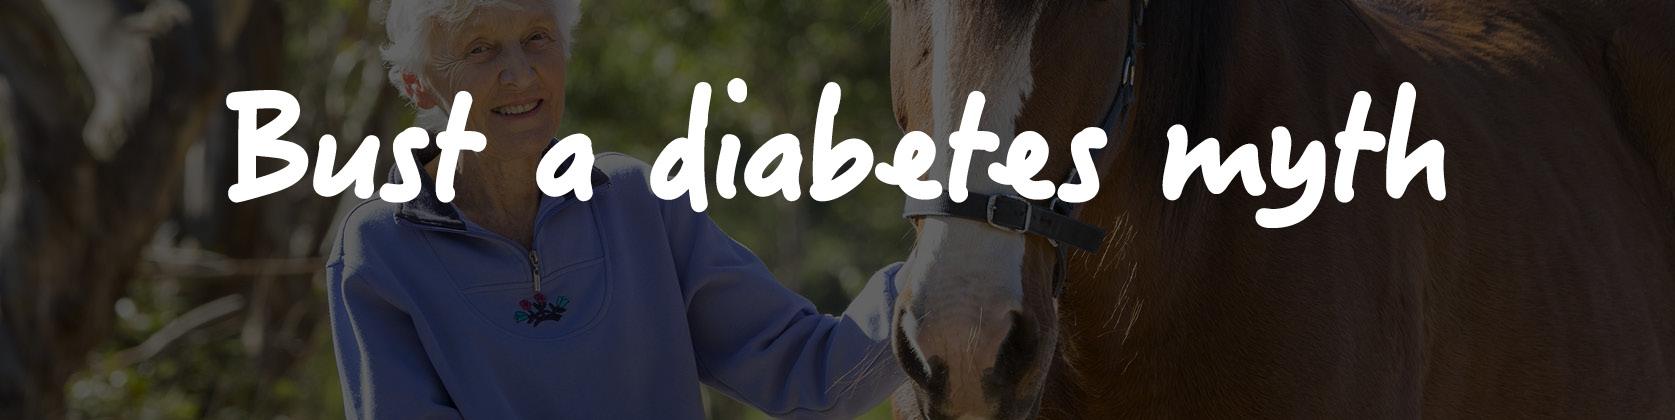 Bust a diabetes myth